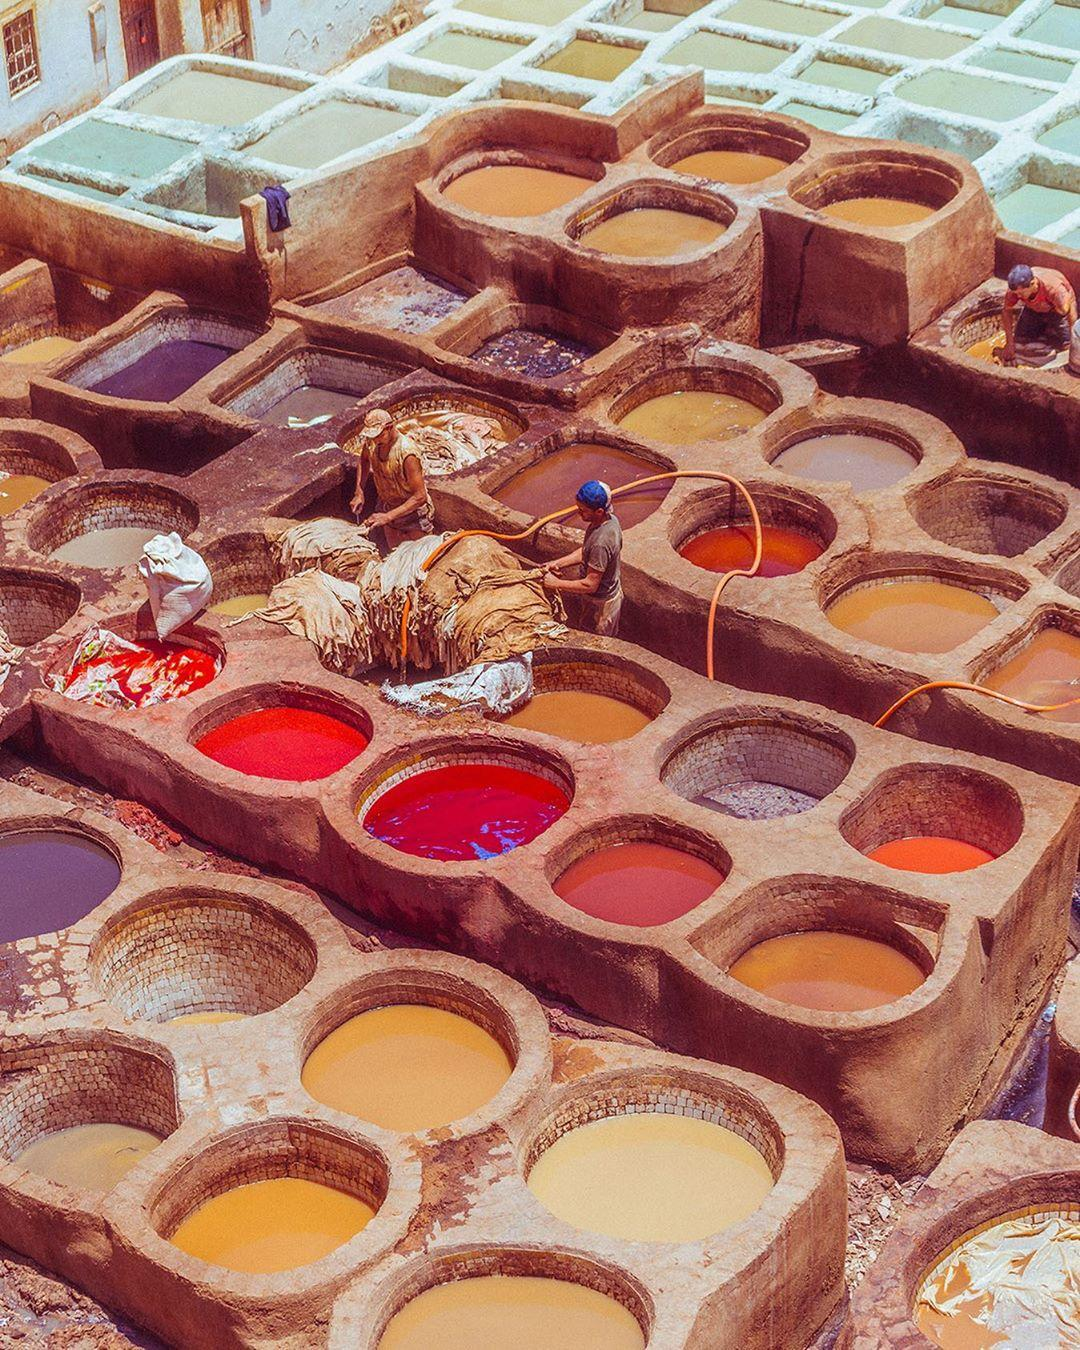 conceria chouara a Fes, un sito da esplorare con il nostro tour di 9 giorni in Marocco